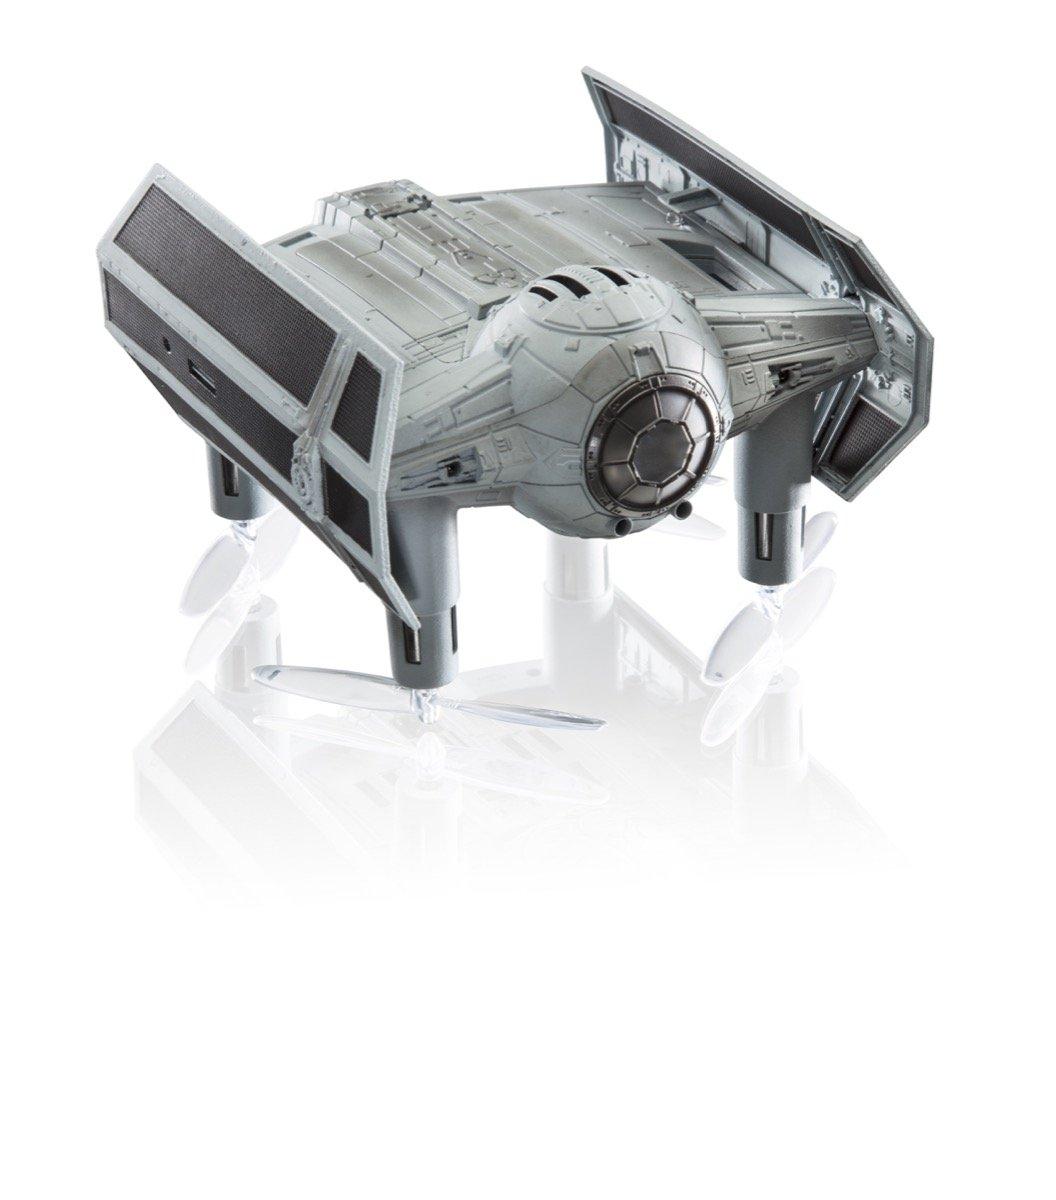 Star Wars tie fighter drone